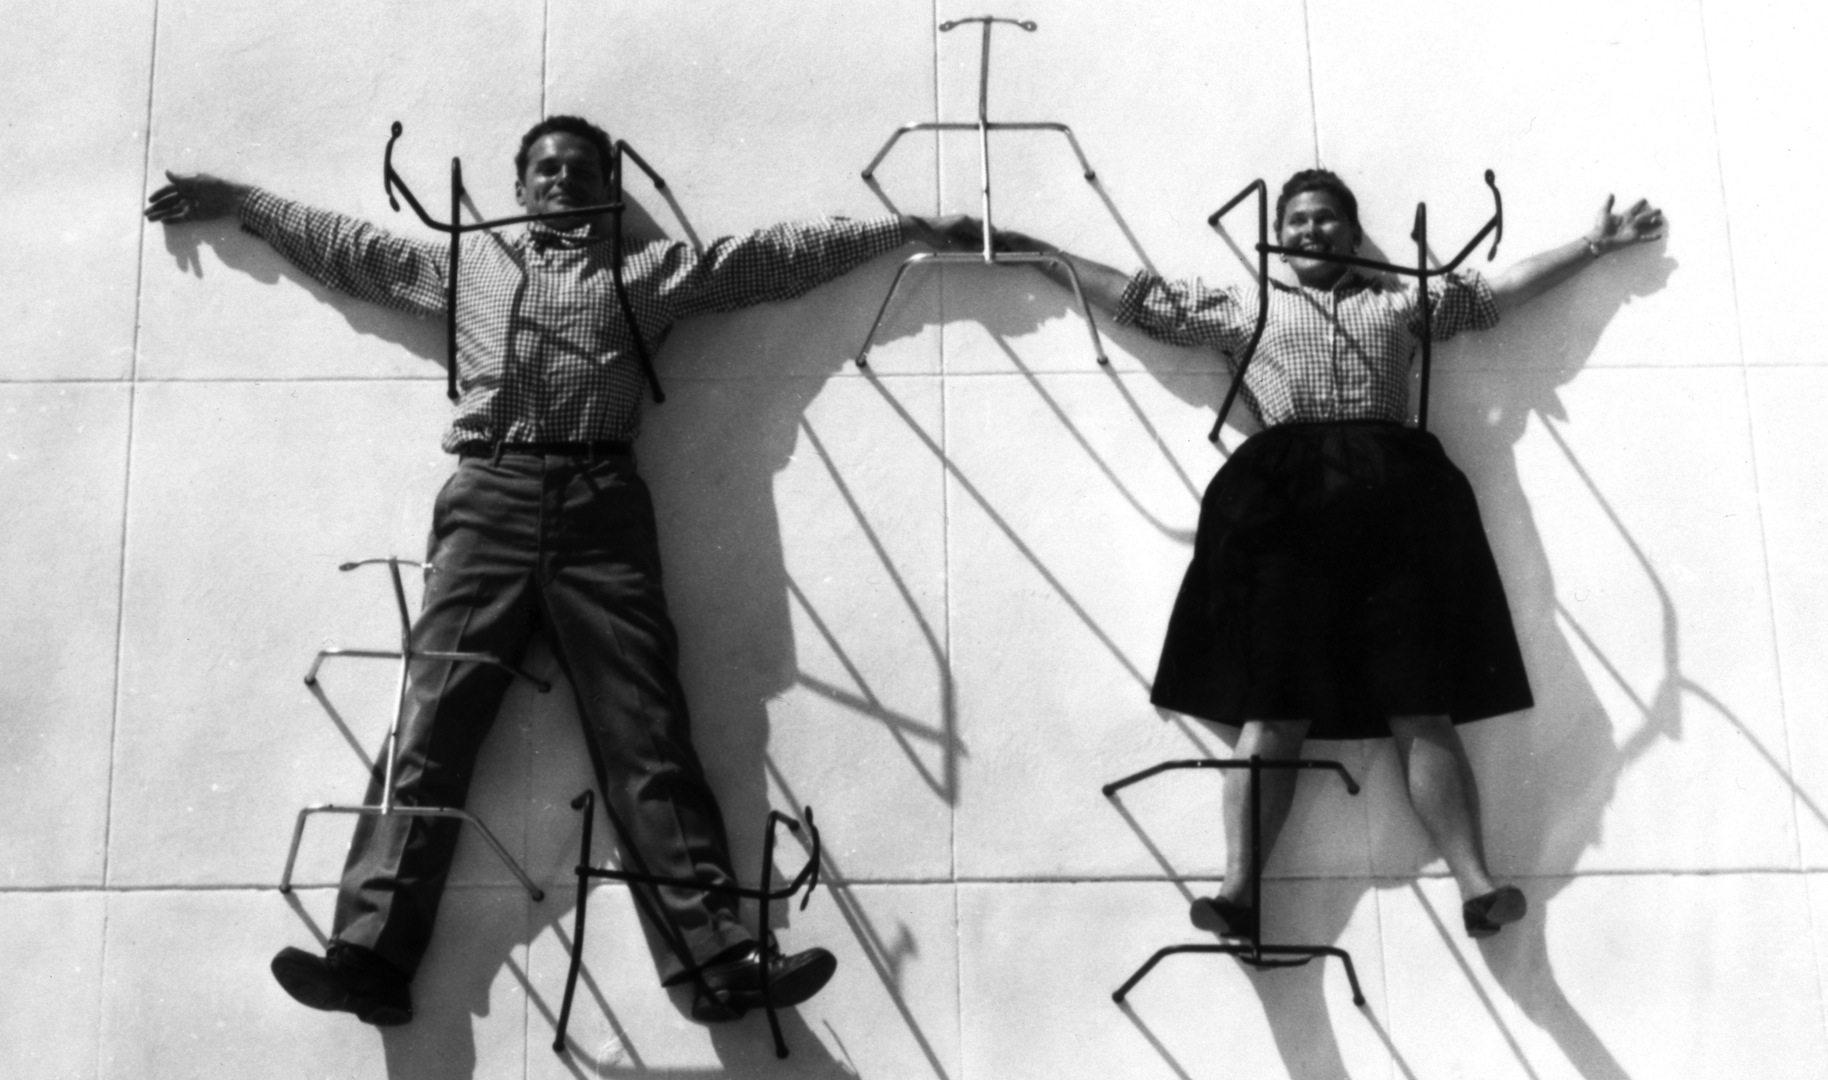 Fixiert. 1947 inszenieren sich Charles und Ray Eames, als hätte man sie mit den Untergestellen ihrer Stühle fixiert – natürlich mit der ihnen eigenen Leichtigkeit